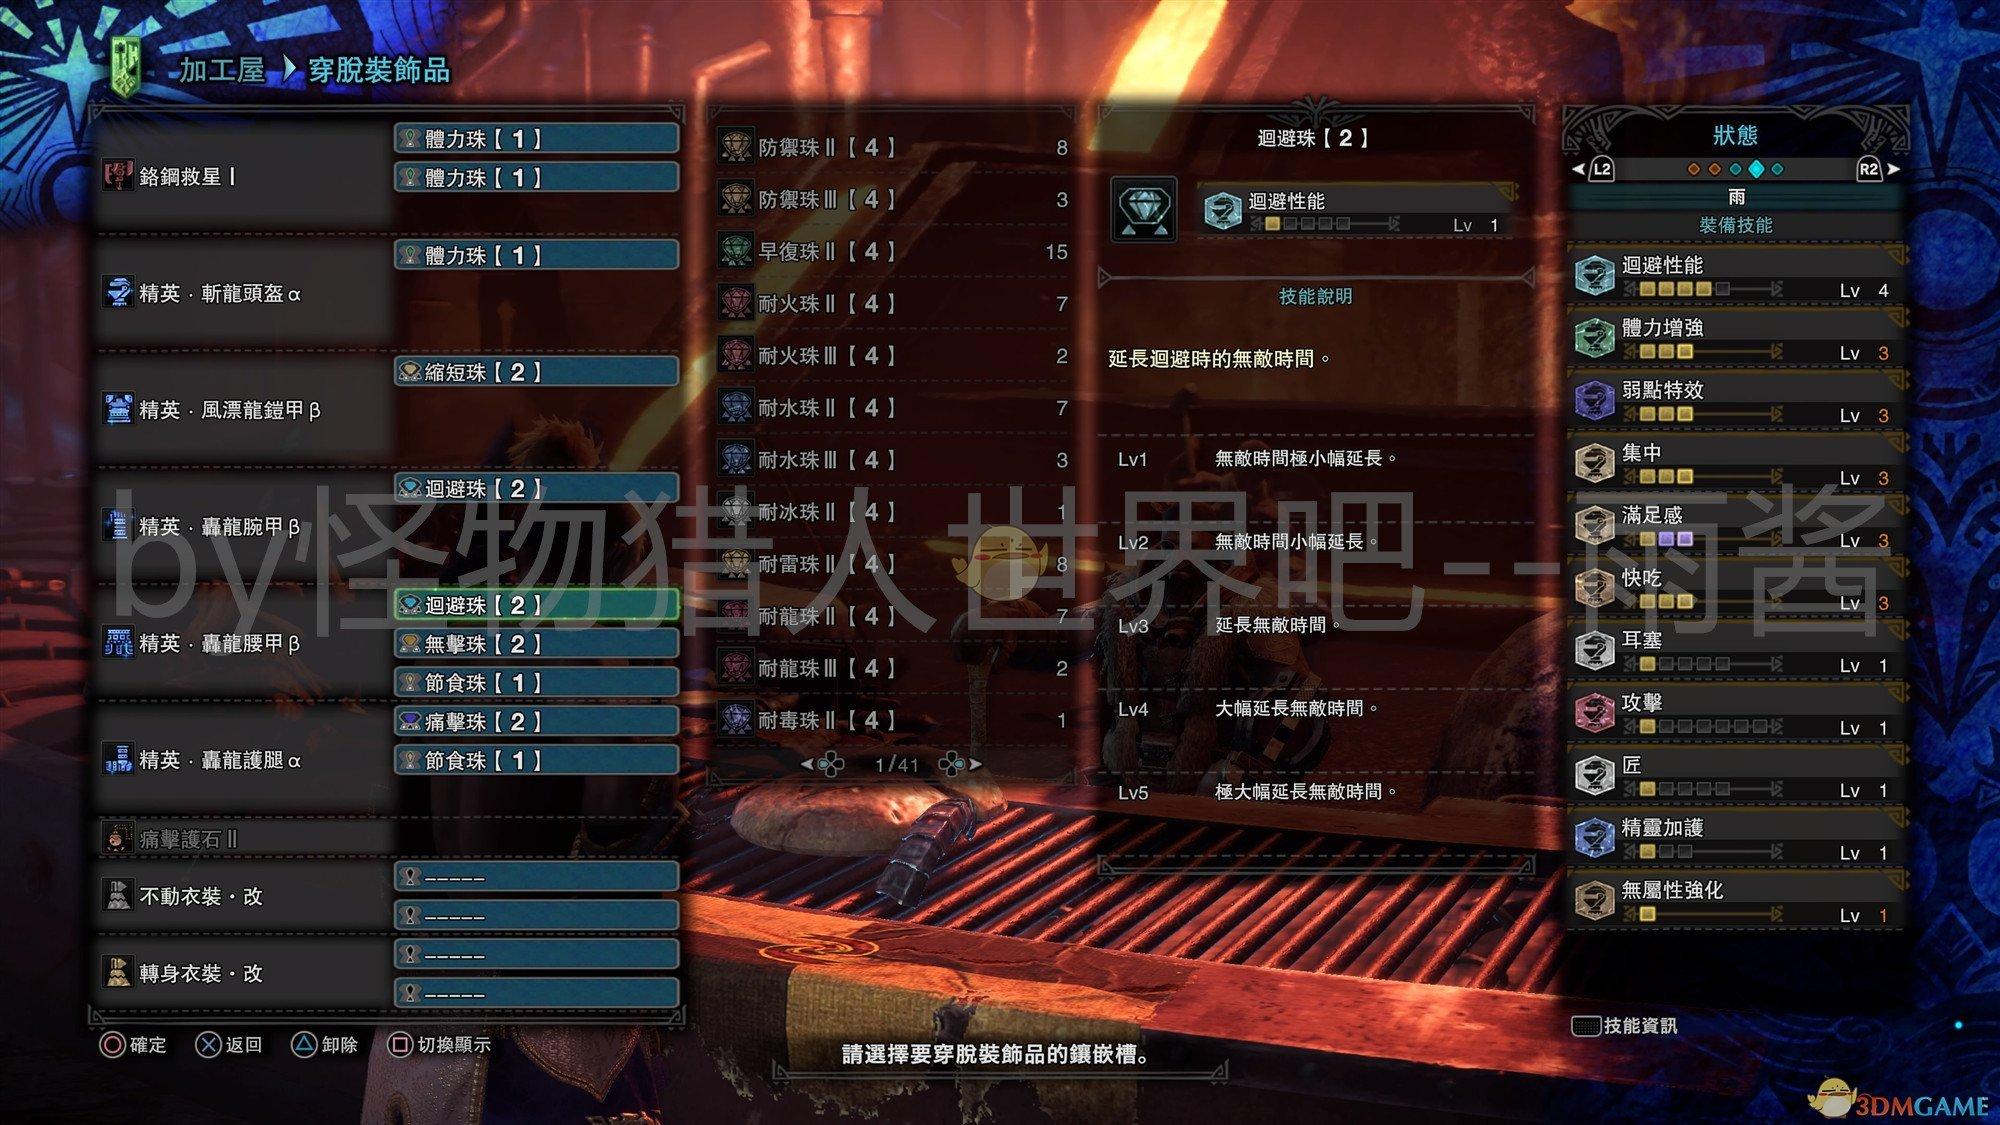 《怪物猎人:世界》冰原DLC剑斧开荒武器装备搭配推荐